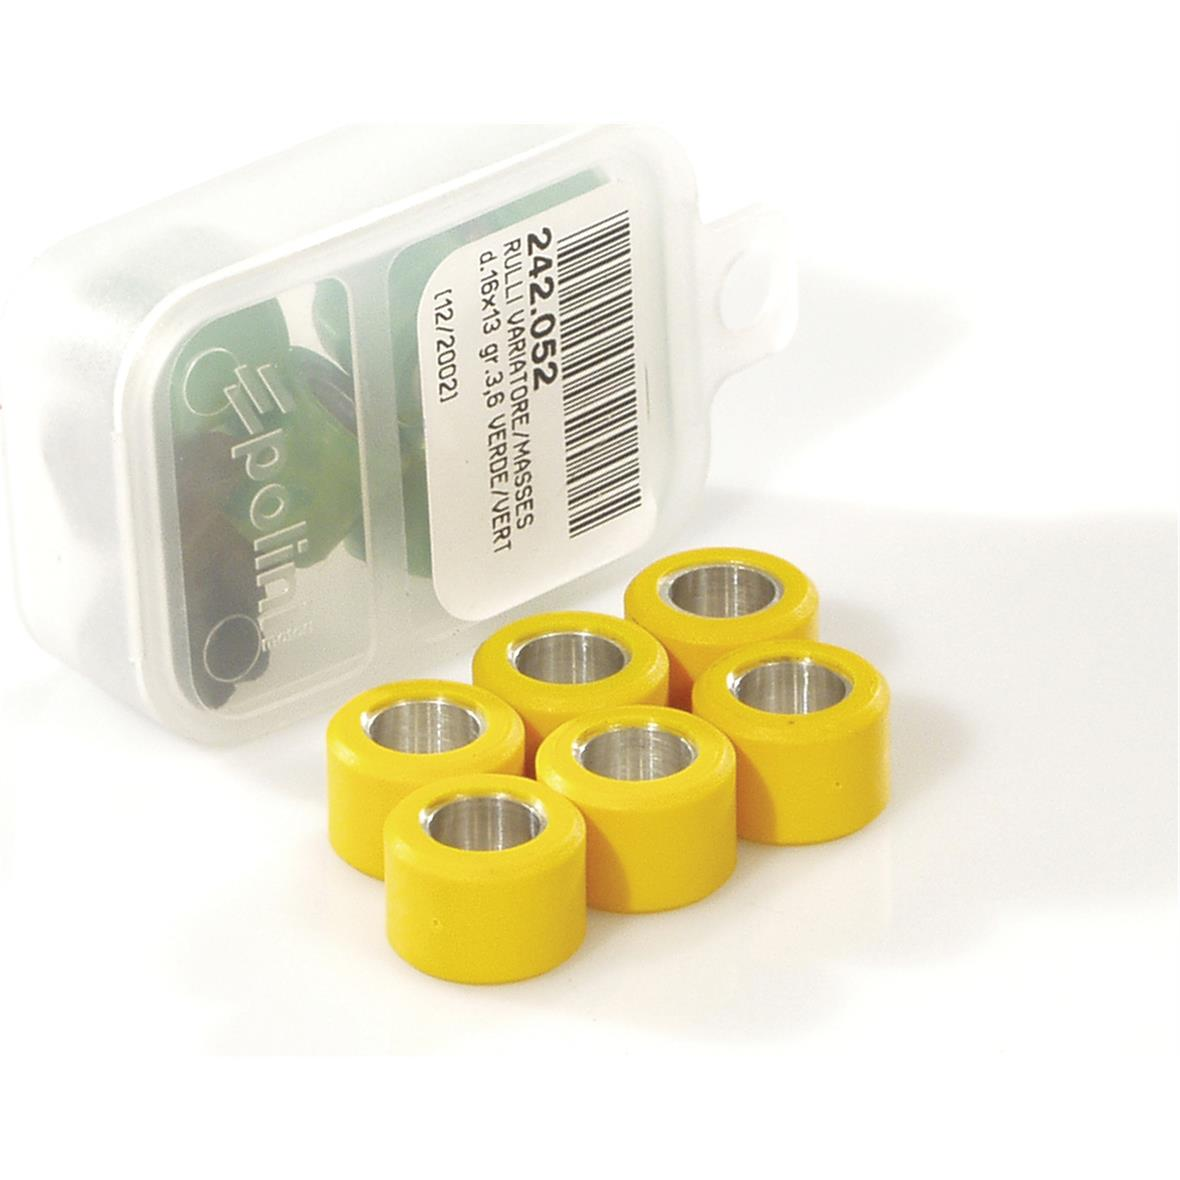 Image du produit 'Rouleaux de variateur POLINI 15x12 mm 2,1g'